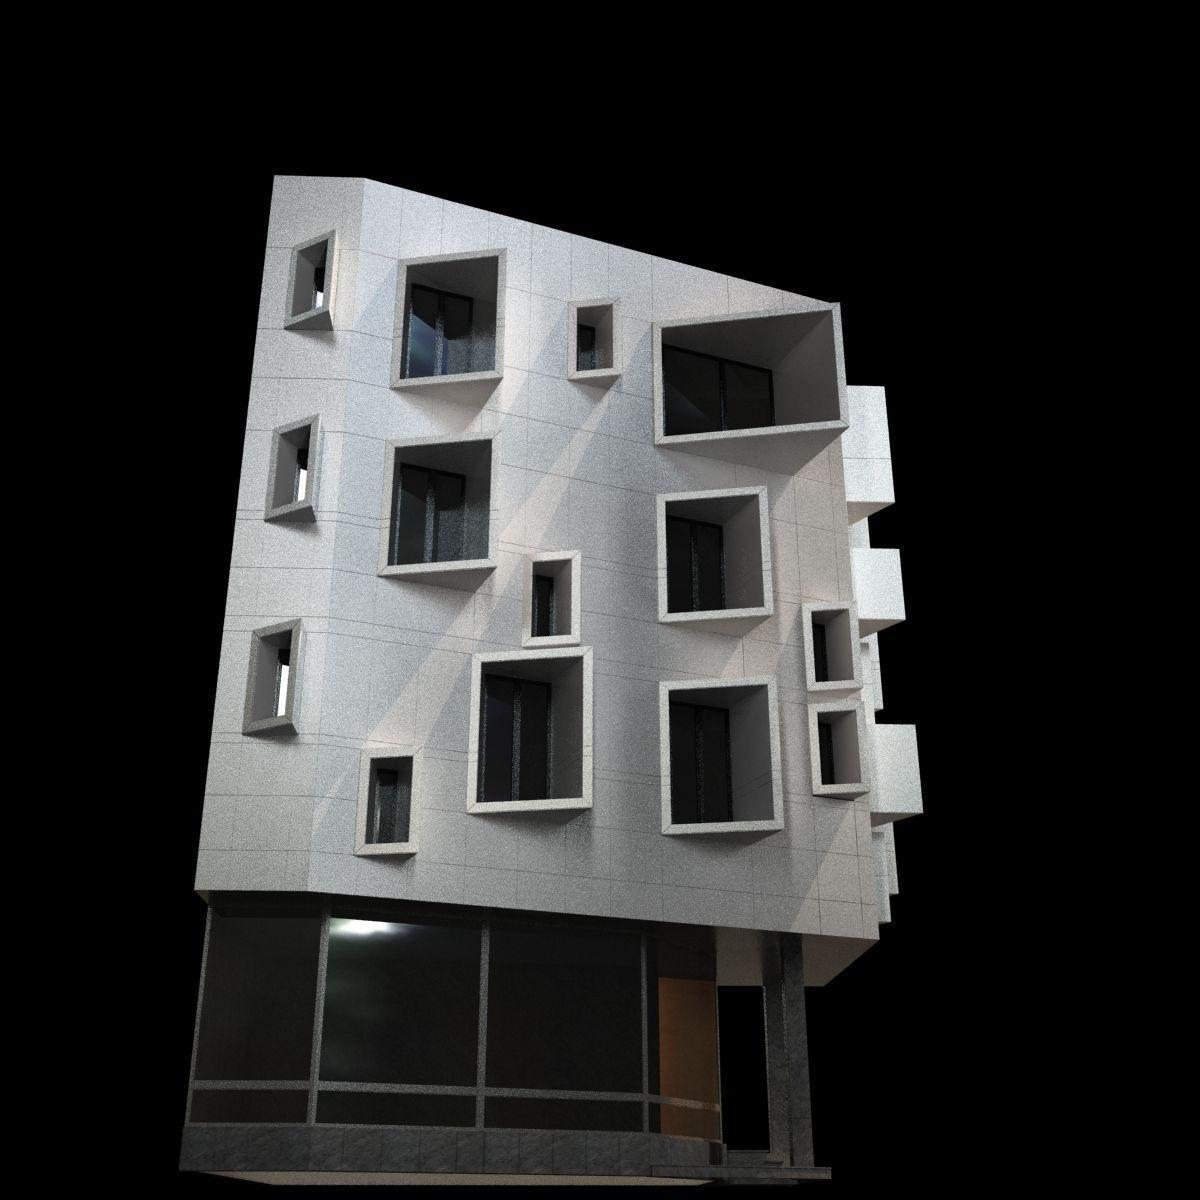 Modern orner Building 3D Model M OBJ 3DS FB ML Grader.com - ^